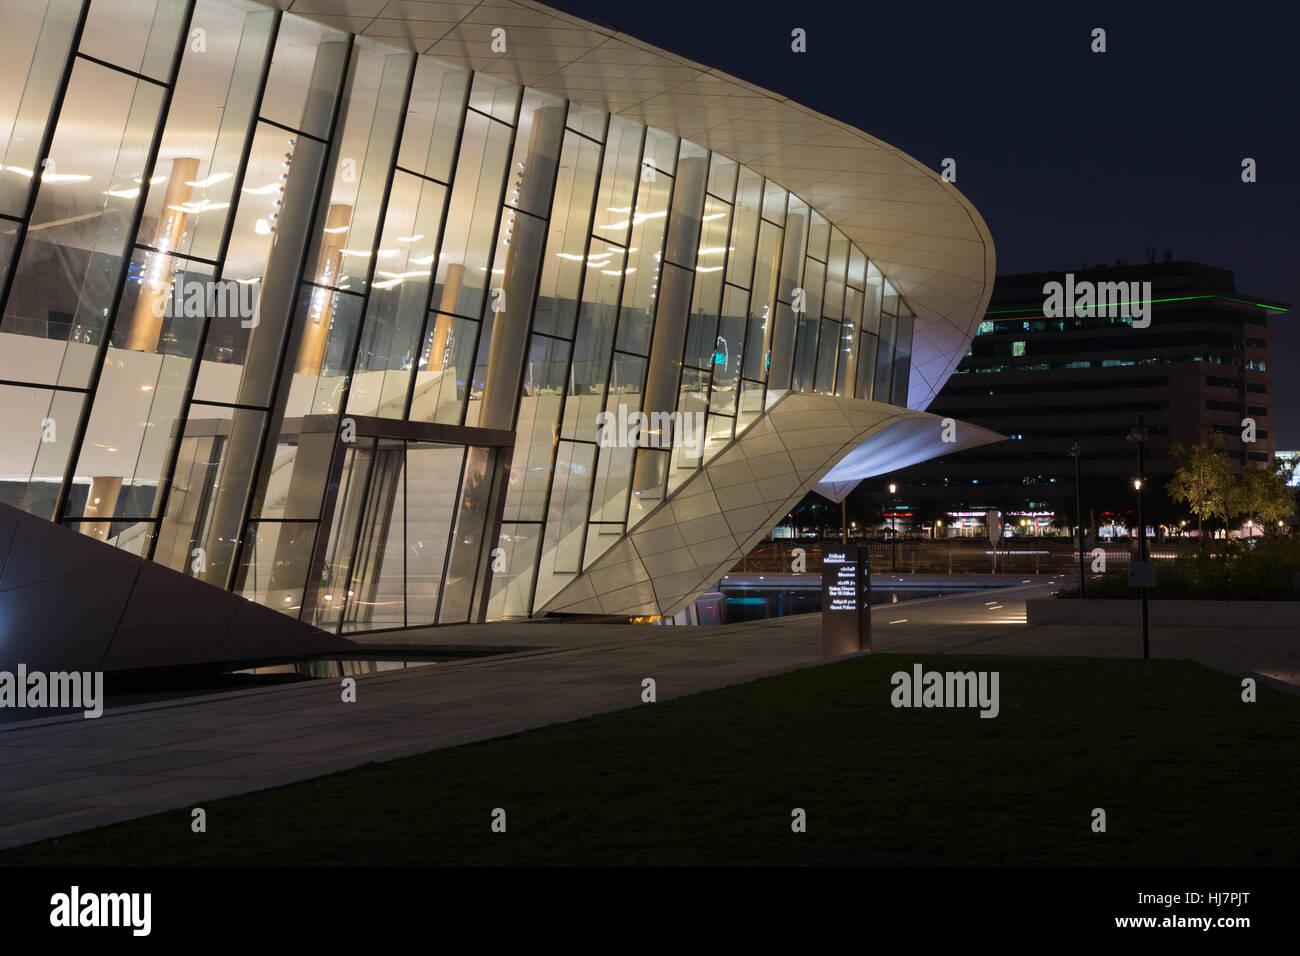 Etihad museum side of building at night Dubai - Stock Image